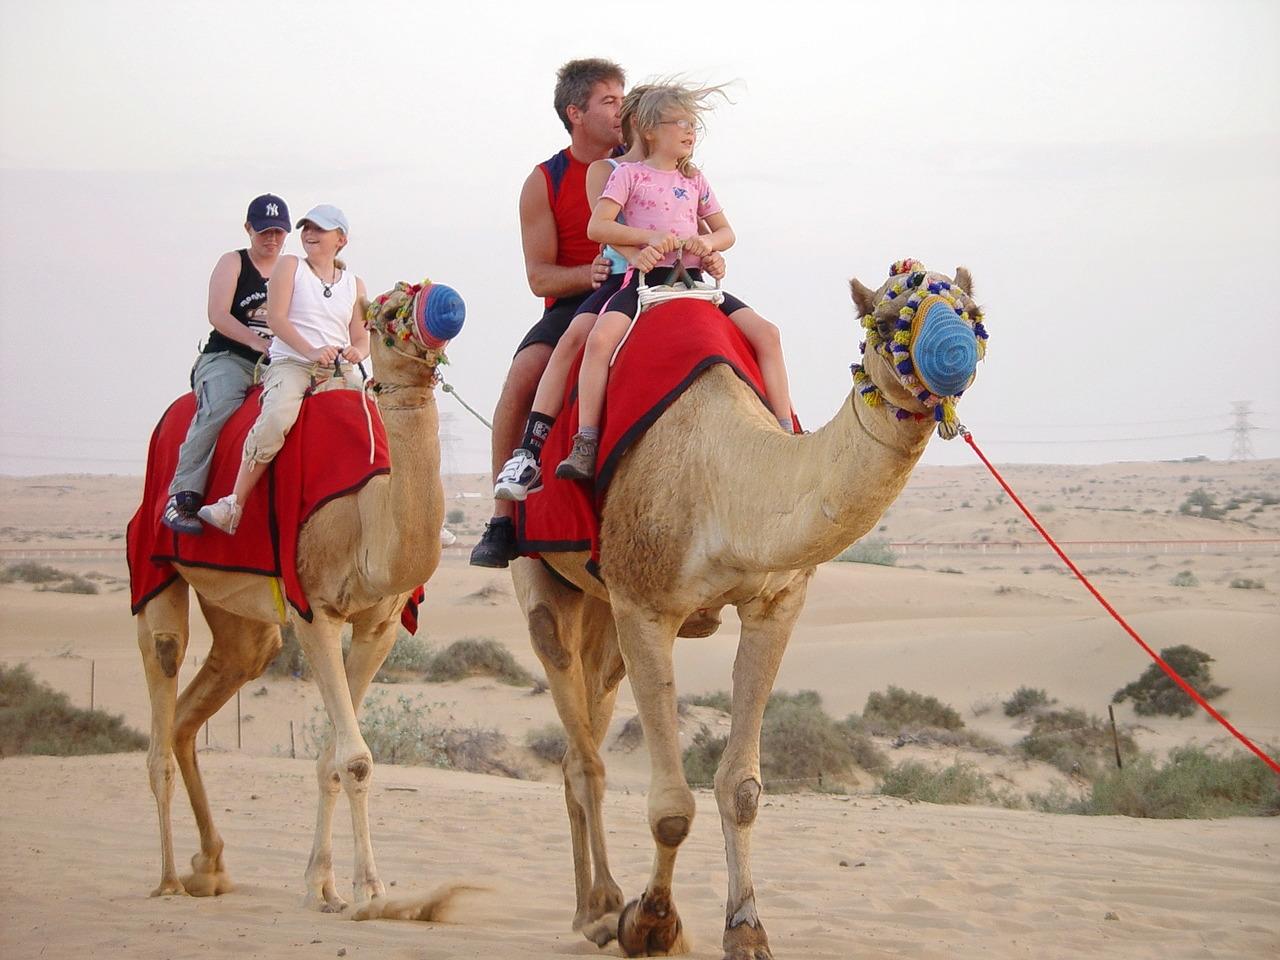 1511331438_camel-ride-dubai-camel-farm-dubai-camel-riding-dubai-desert-safari-dubai-camel-watching-dubaicamel-ride-in-dubai-03.jpg